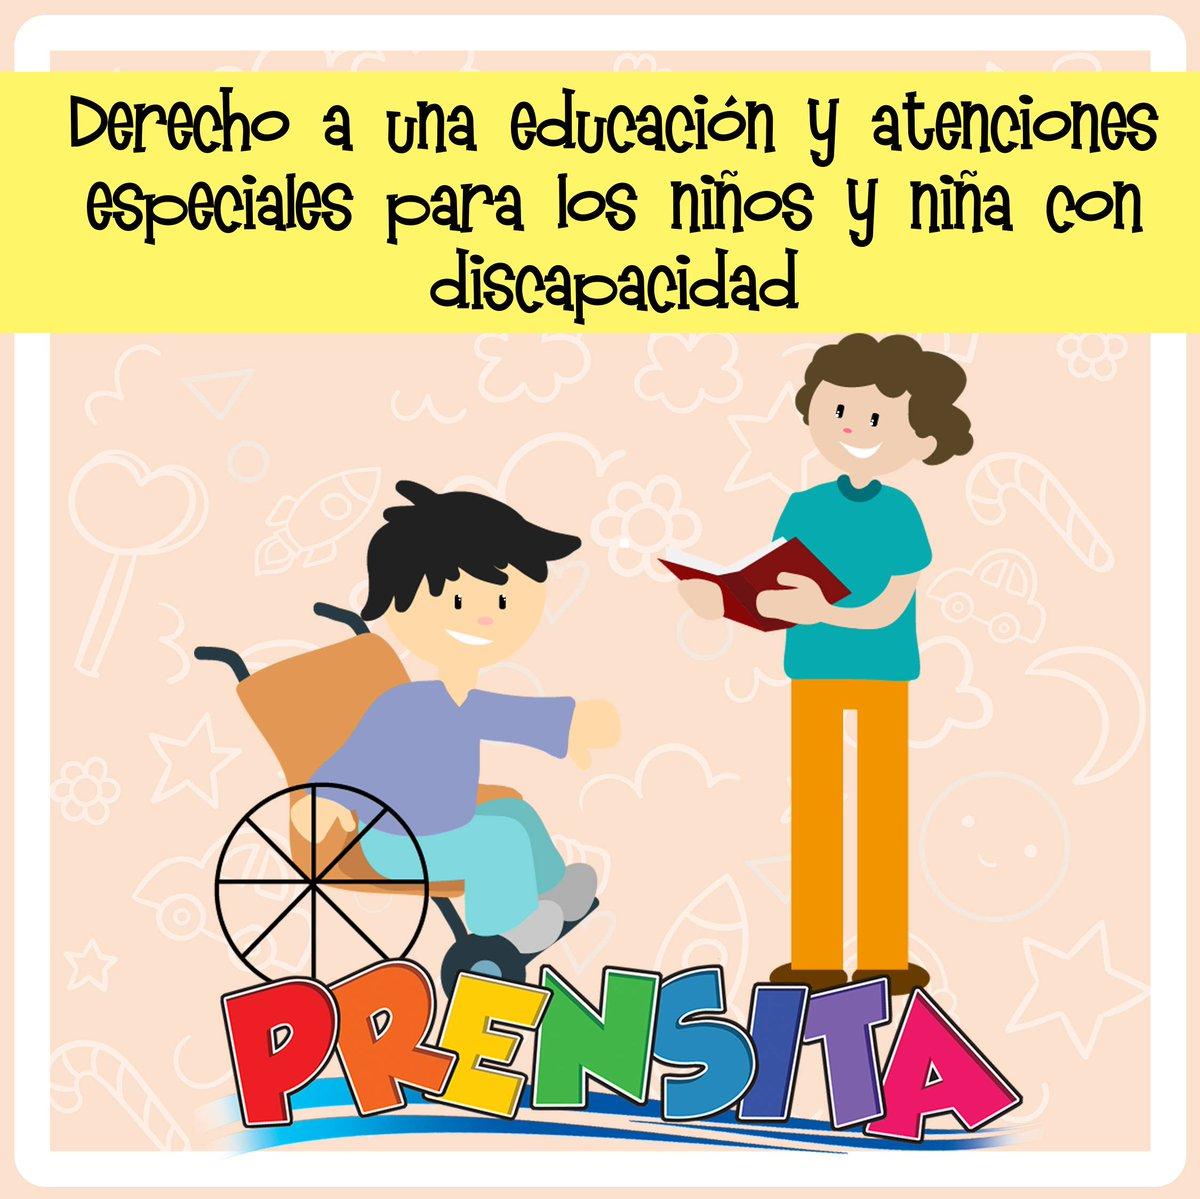 Prensita On Twitter Los Niños Y Niñas Con Discapacidad Tienen Derecho A Una Educación Que Permita Desarrollar Todas Sus Habilidades